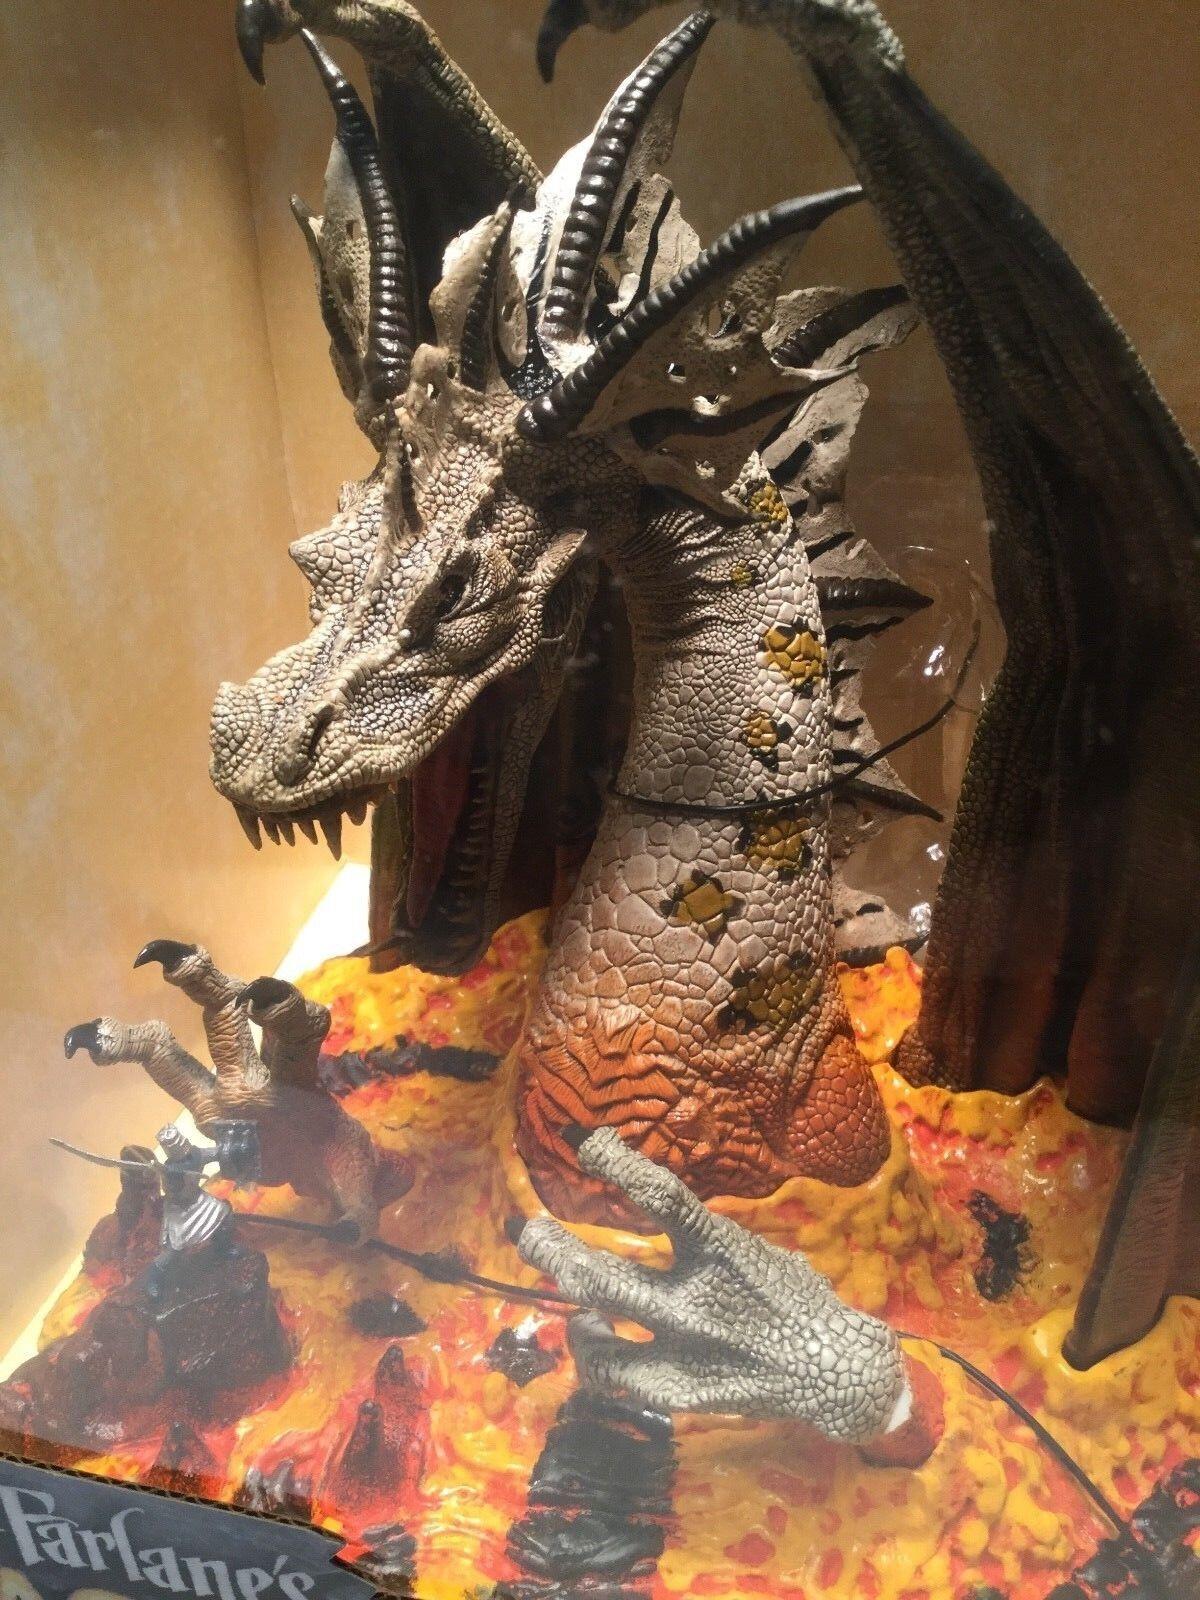 Mcfarlane ist drachen feuerdrachen - clan 5 box fallen der drachen kingdommib neue